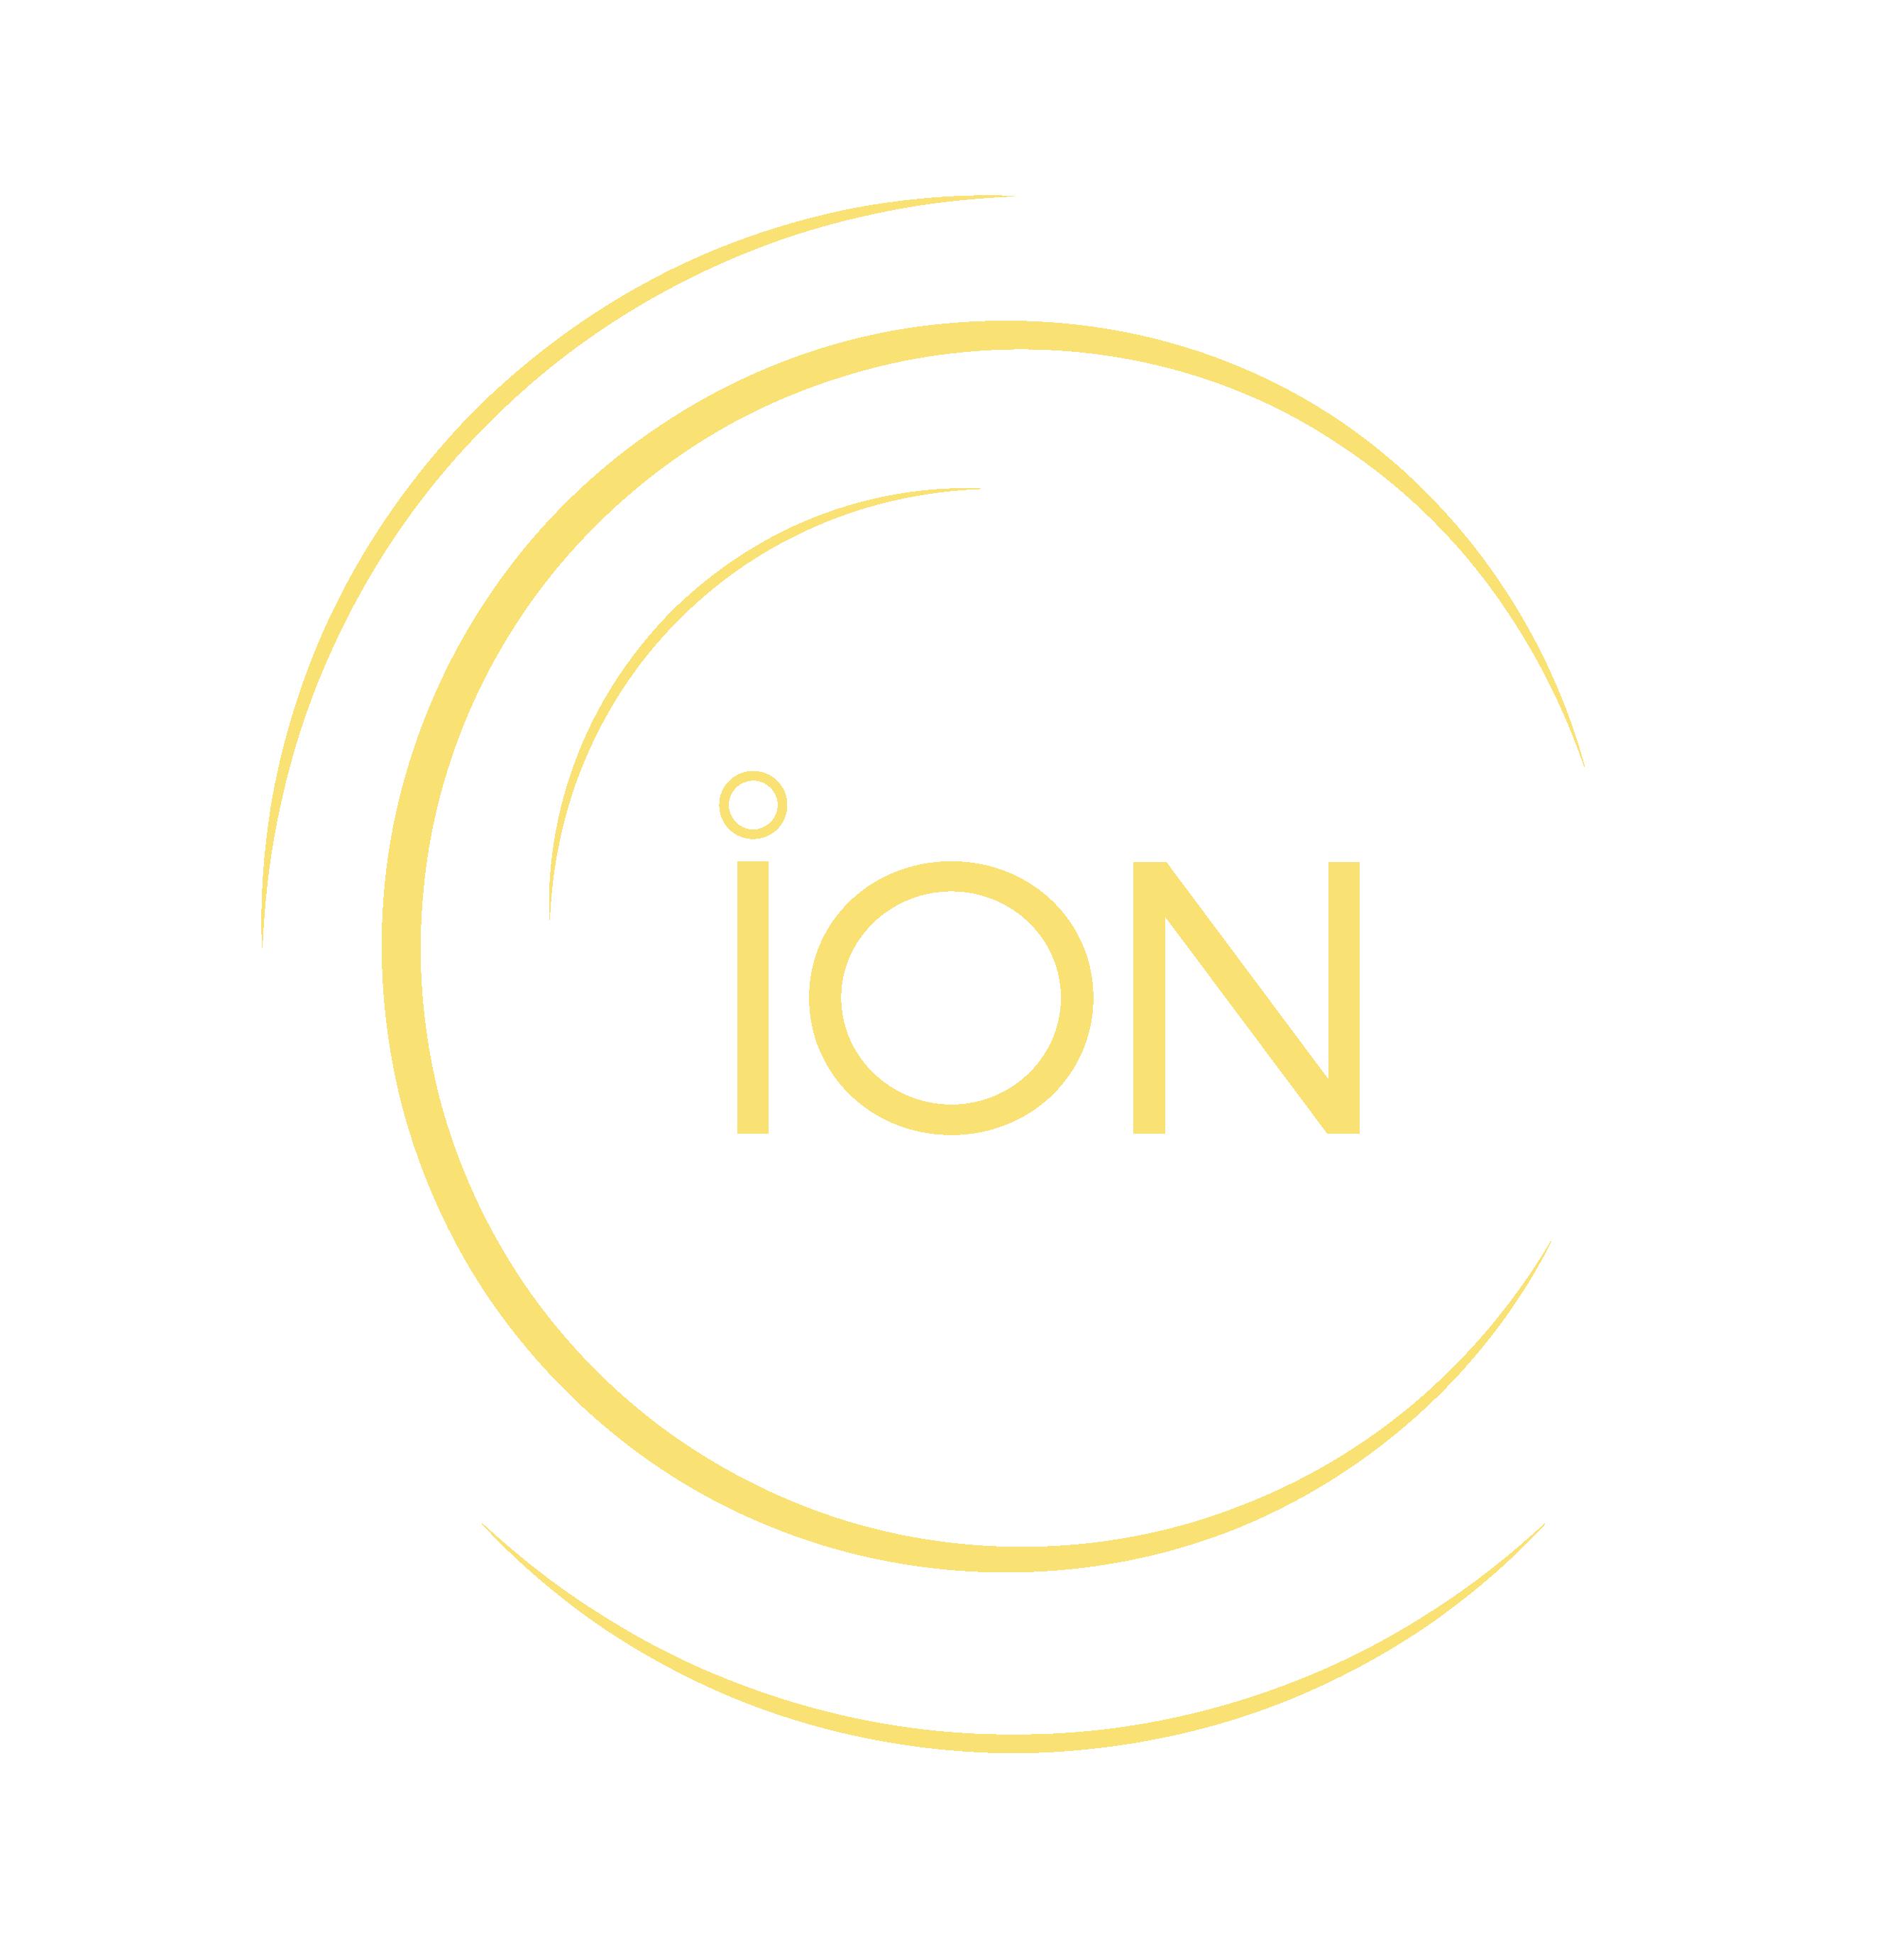 ion Ventures